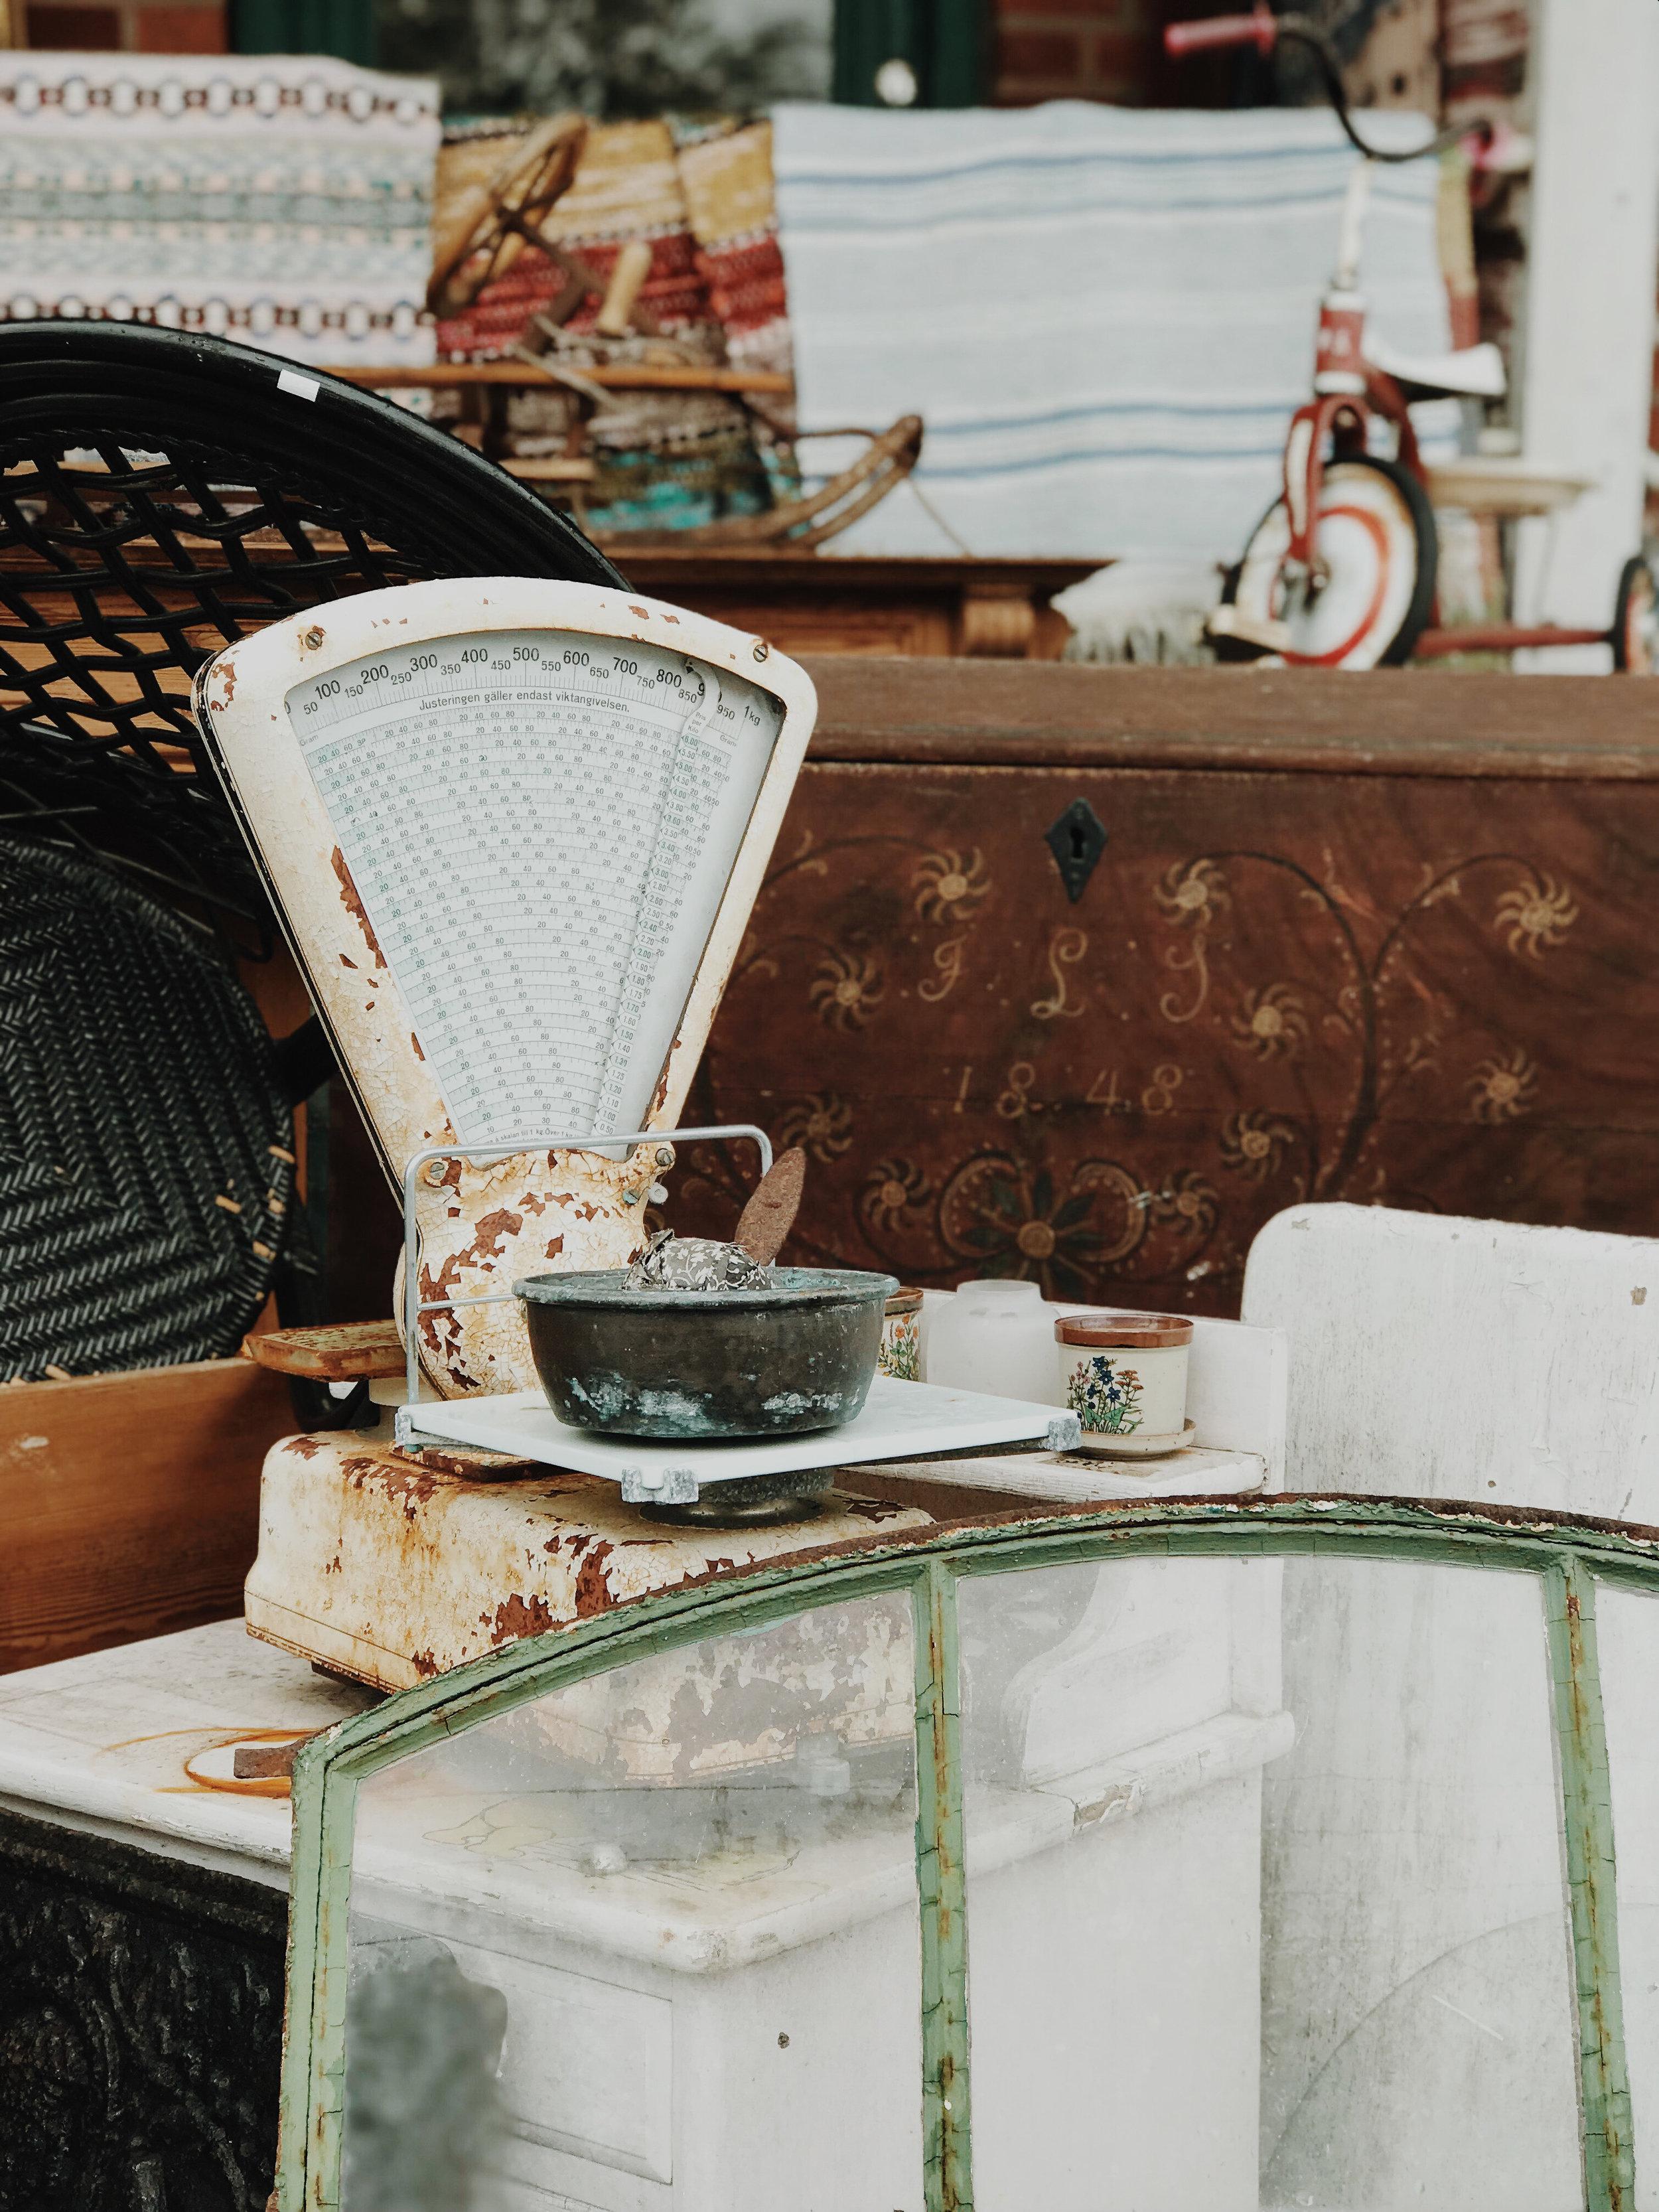 ASROSENVINGE_VisitSkane_Sweden_Loppis_Secondhand_Vintage_Antique_LowRes-129.jpg